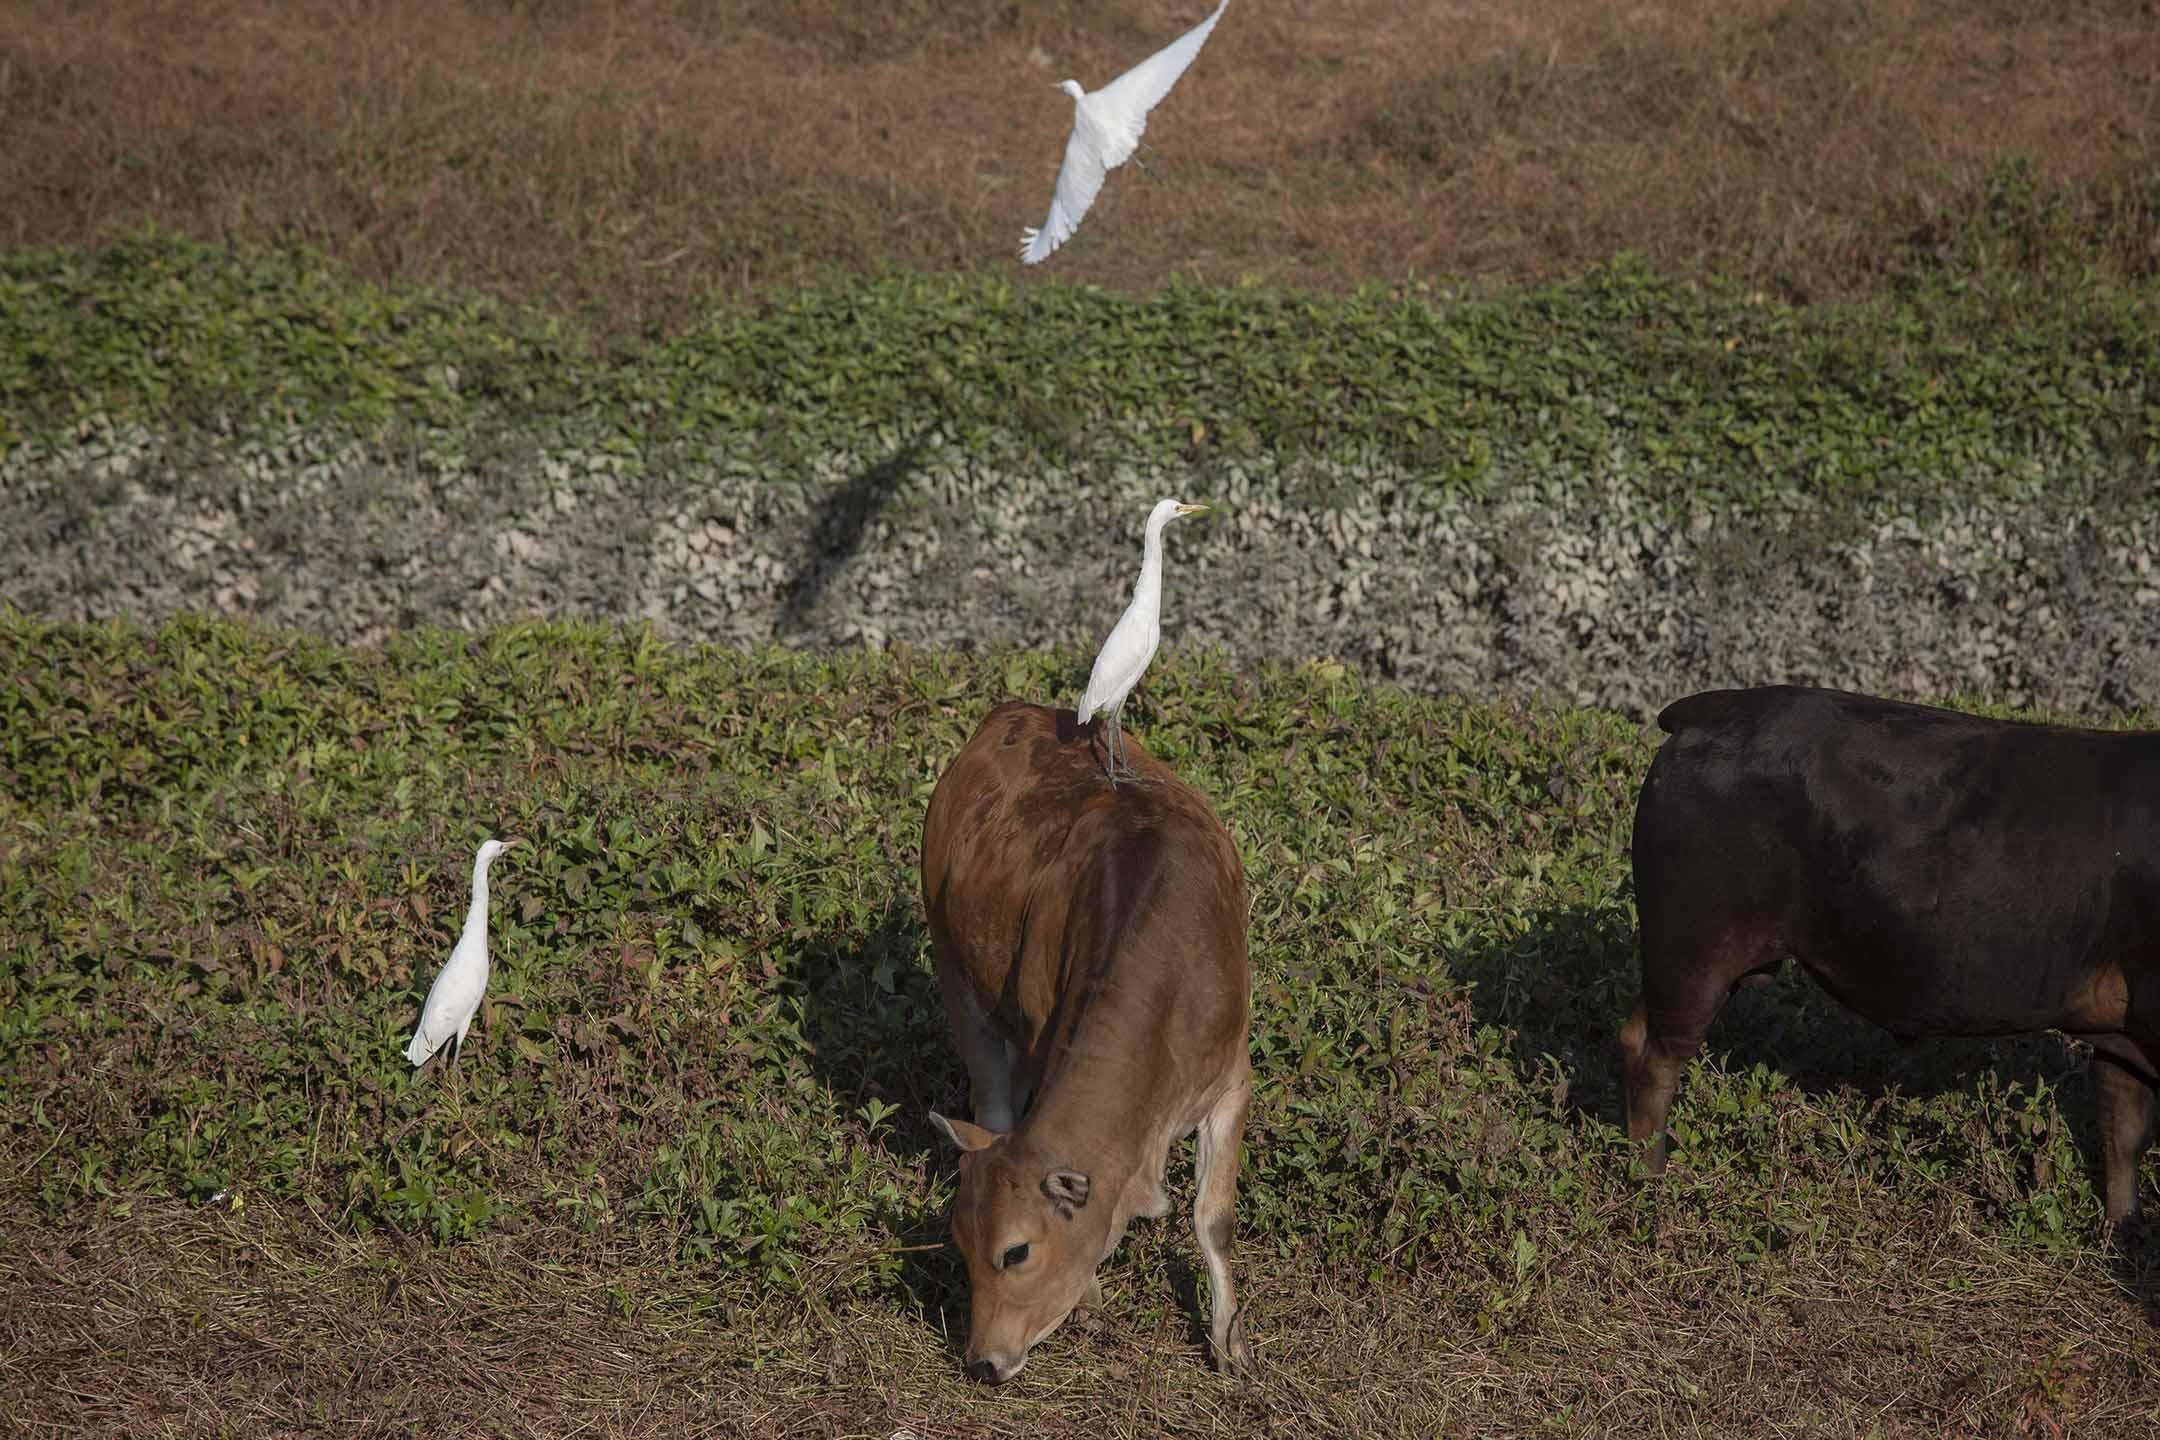 一隻牛背鷺站在一頭牛上。